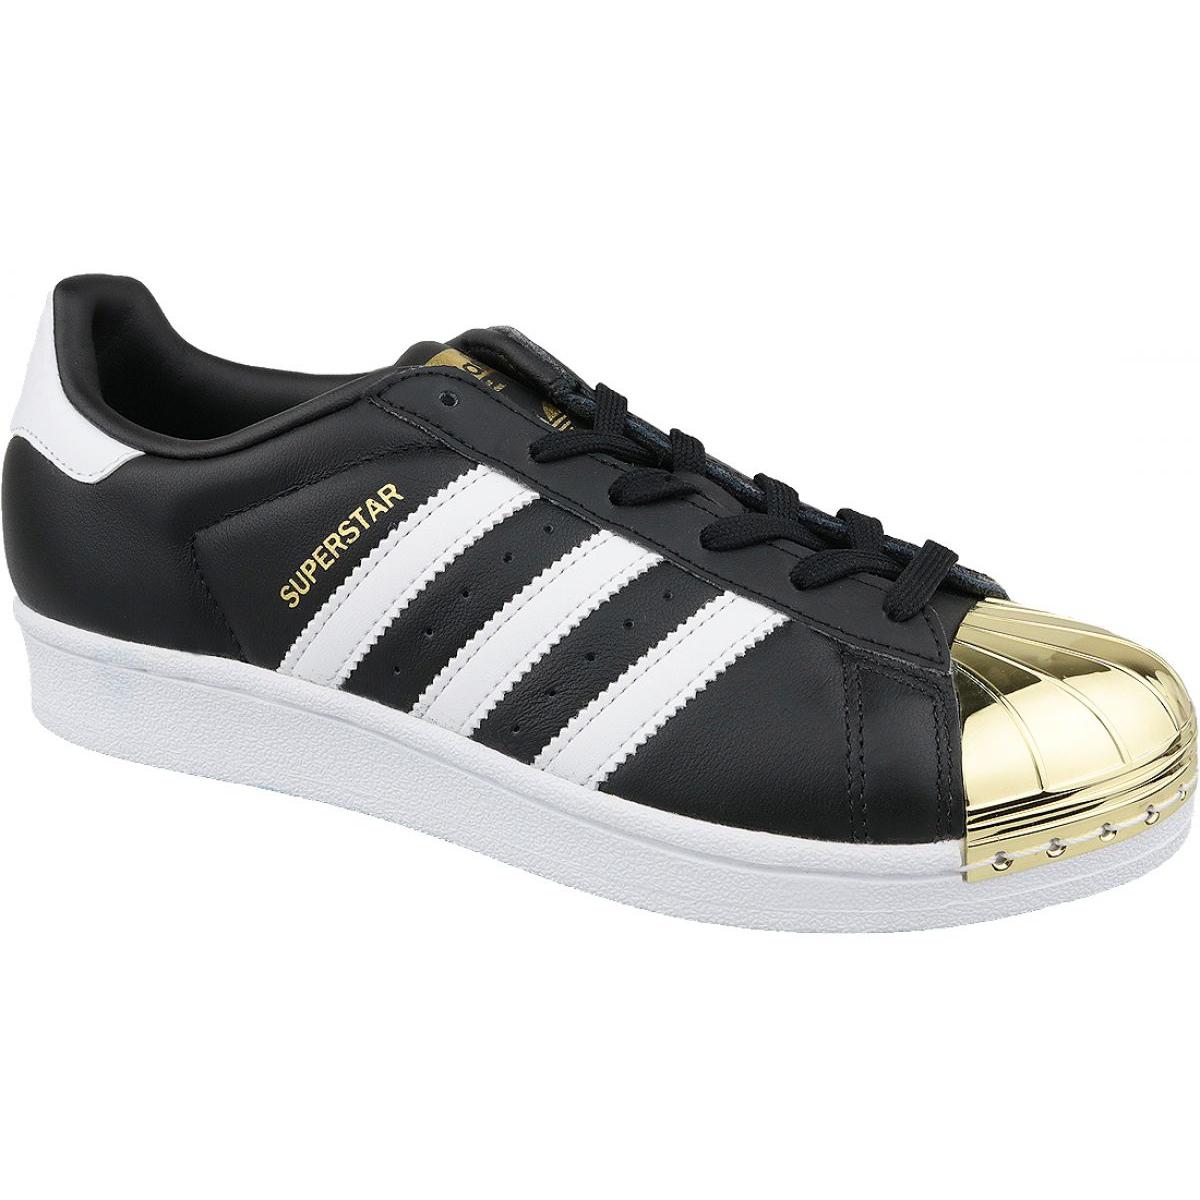 Adidas Superstar W Metall Toe W BB5115 skor svart